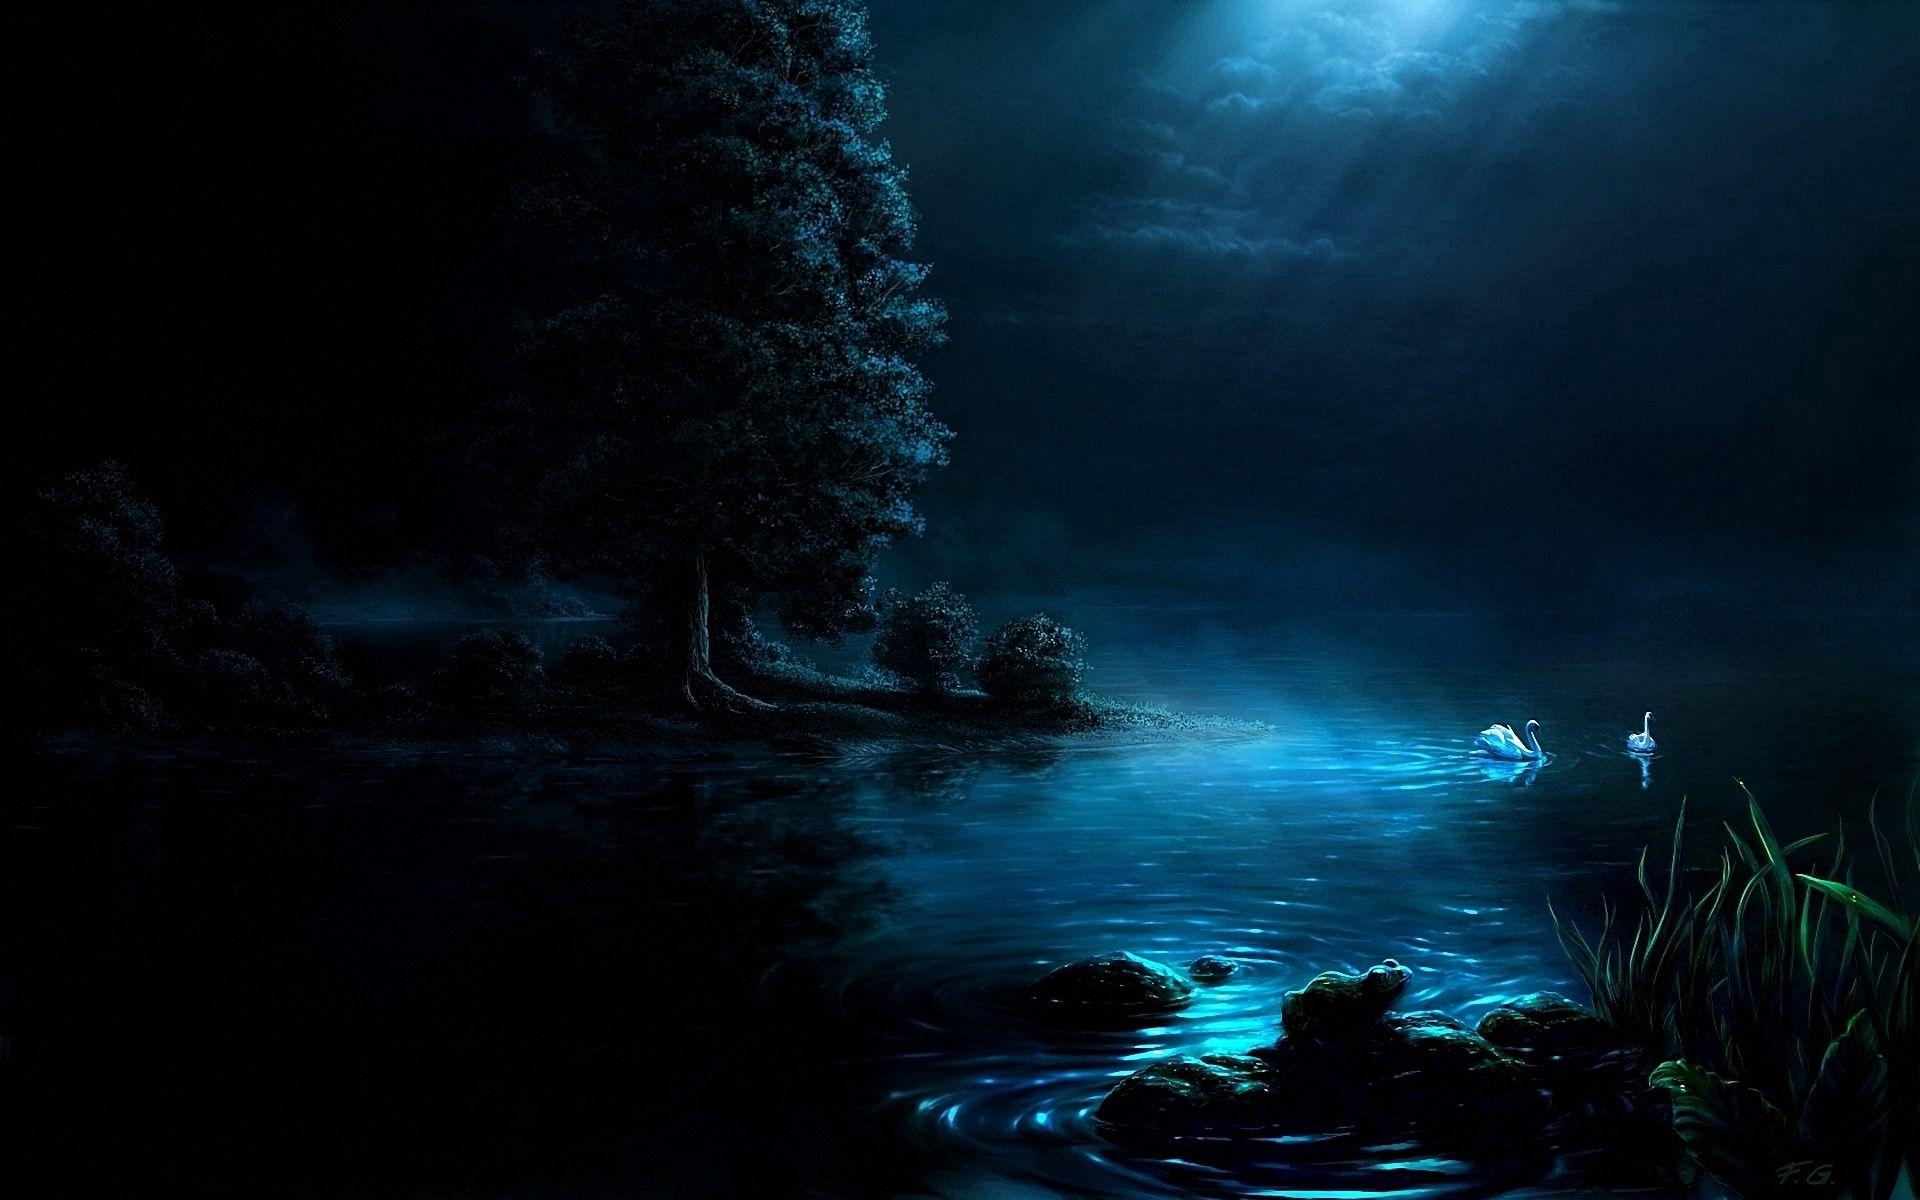 156442 Hintergrundbild herunterladen Bäume, Kunst, Swans, Dunkel, Scheinen, Licht, Der Park, Park, Malerei, Teich - Bildschirmschoner und Bilder kostenlos